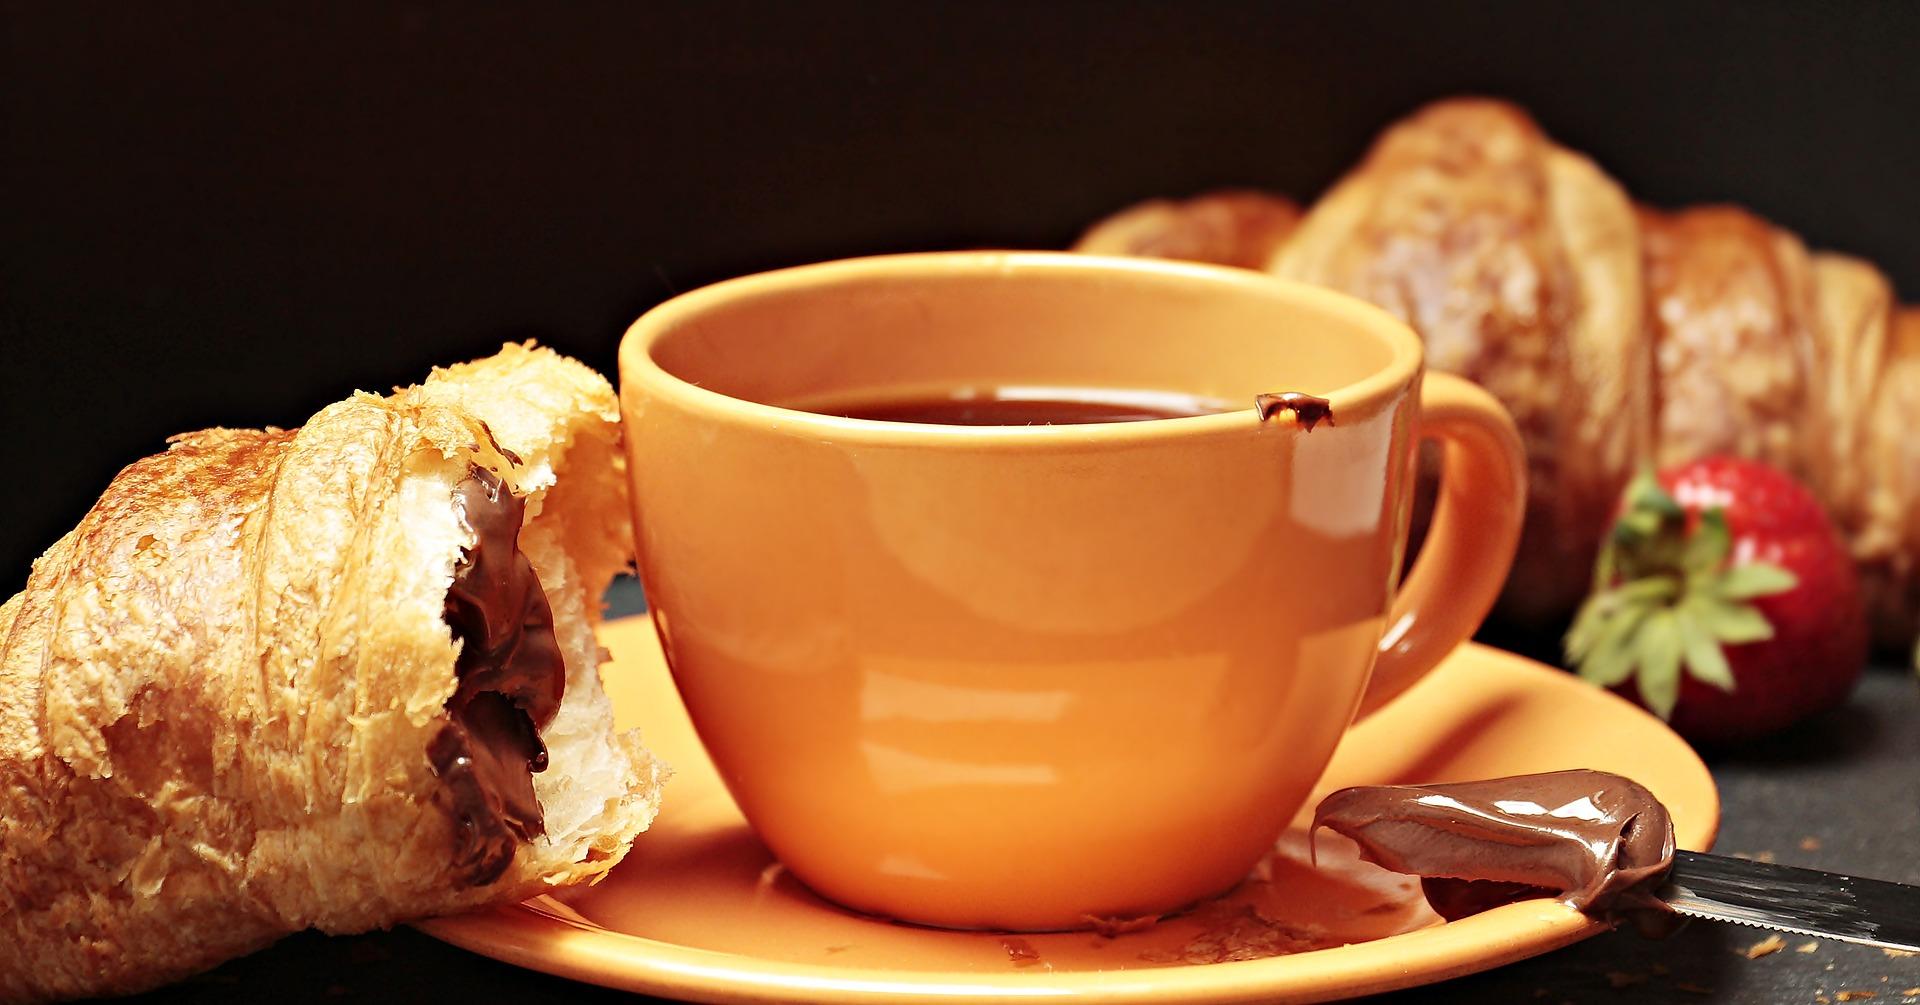 coffee 2458300 1920 - 8 dicas para um café da manhã gostoso e saudável